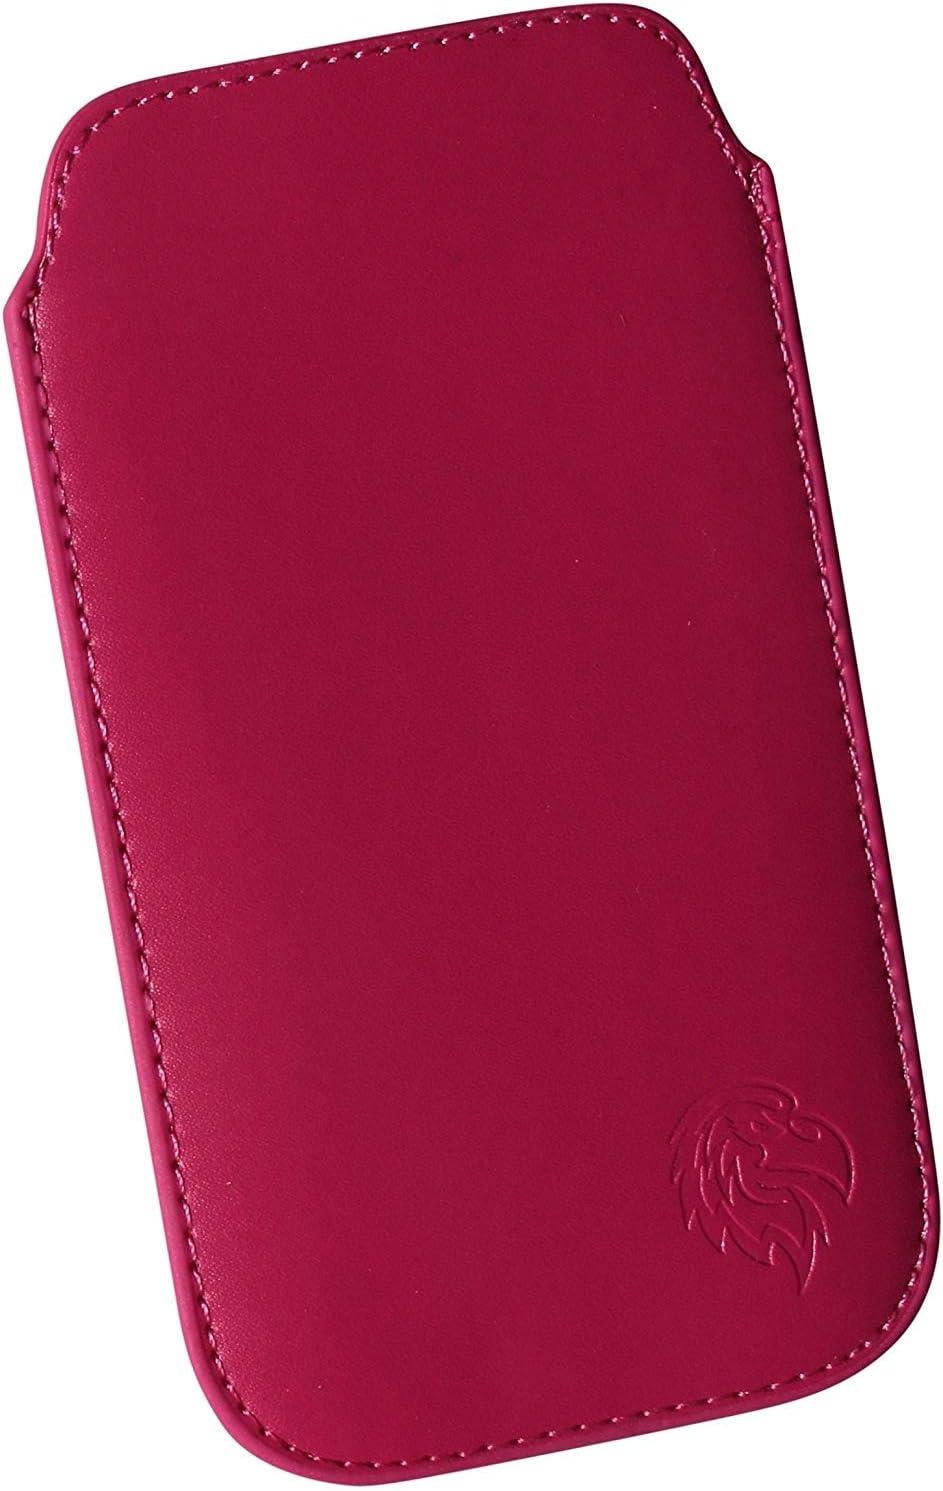 pochette elanc/ée avec tirette Etui avec languette pour retirer le t/élephone portable Housse de protection pour Samsung Galaxy S5 et S5 Neo motif aigle Z marron